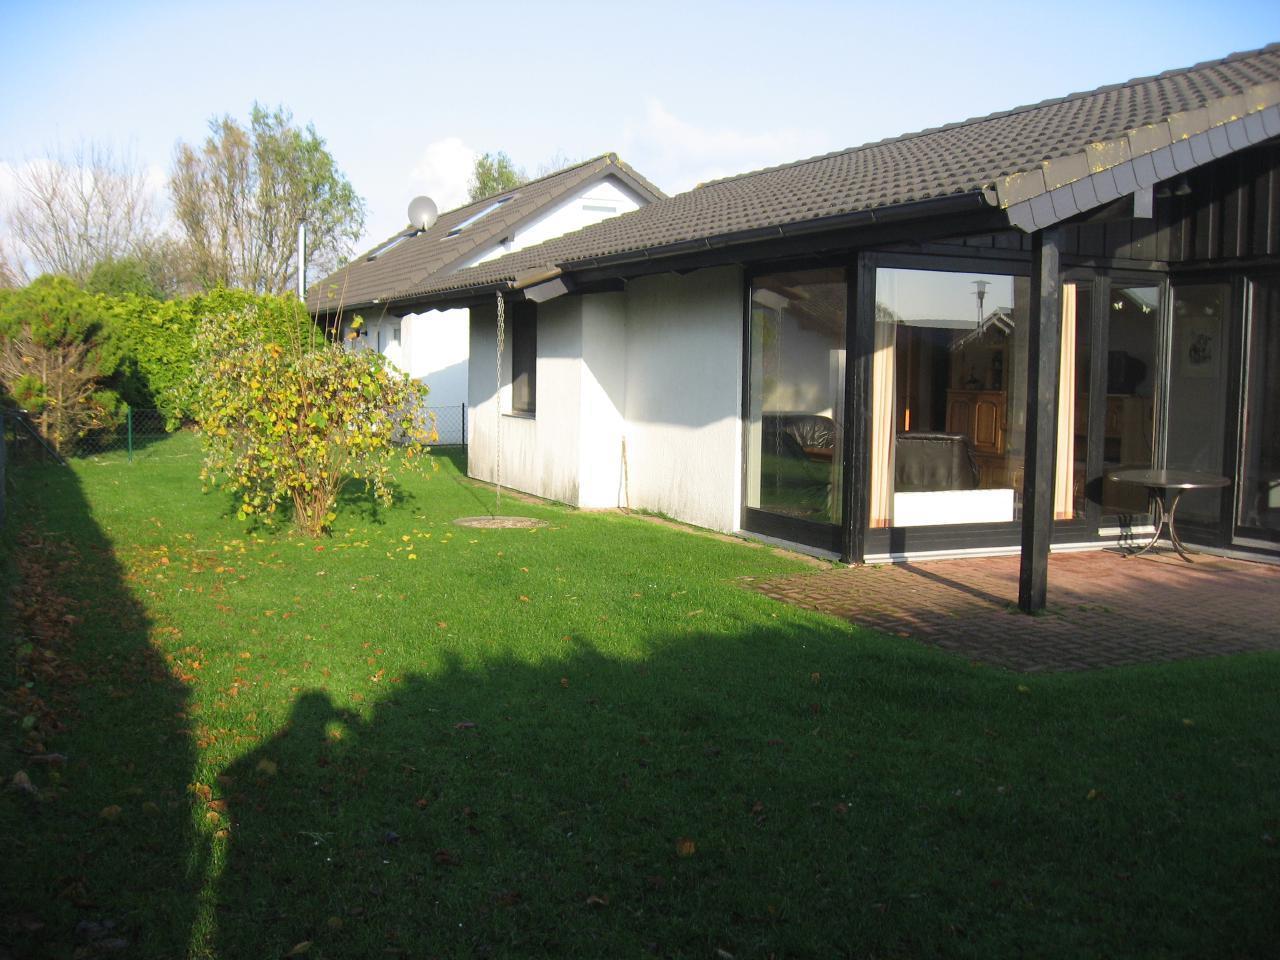 Ferienhaus Nordsee Eckwarderhörne 2k (76477), Eckwarderhörne, Wesermarsch, Niedersachsen, Deutschland, Bild 21